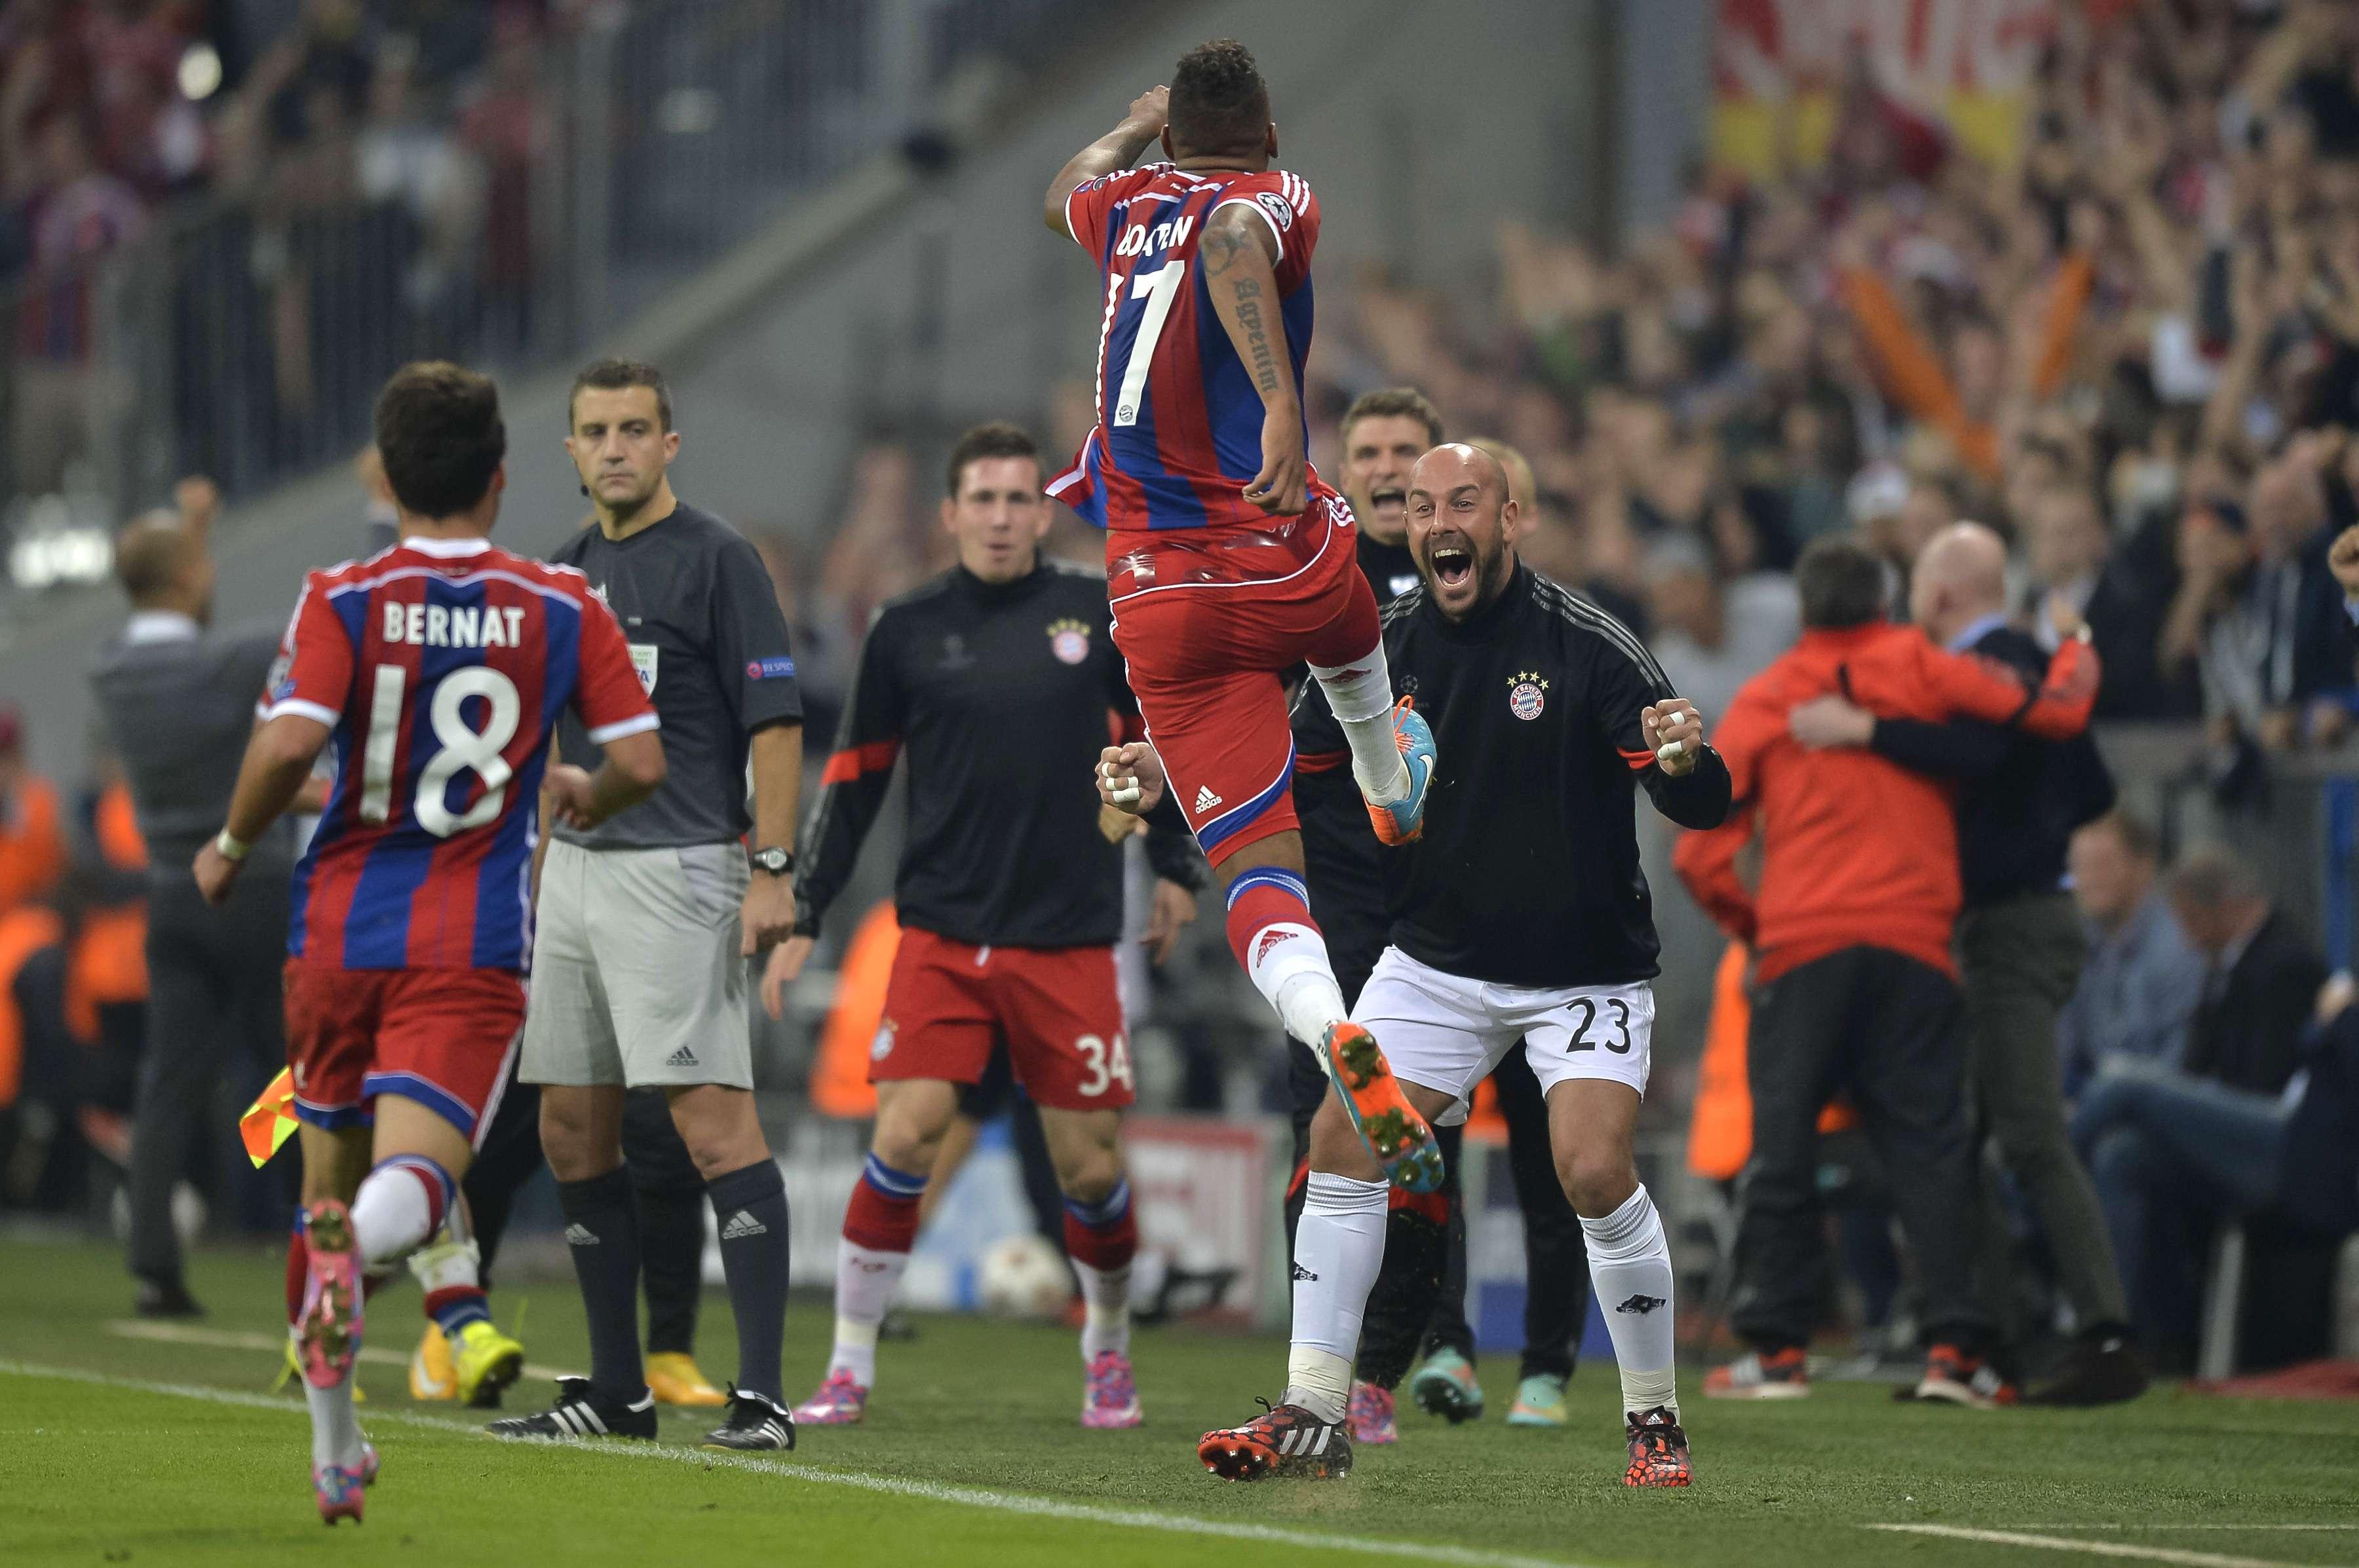 El Bayern anotó en el minuto 90 el único gol. Foto: AFP en español